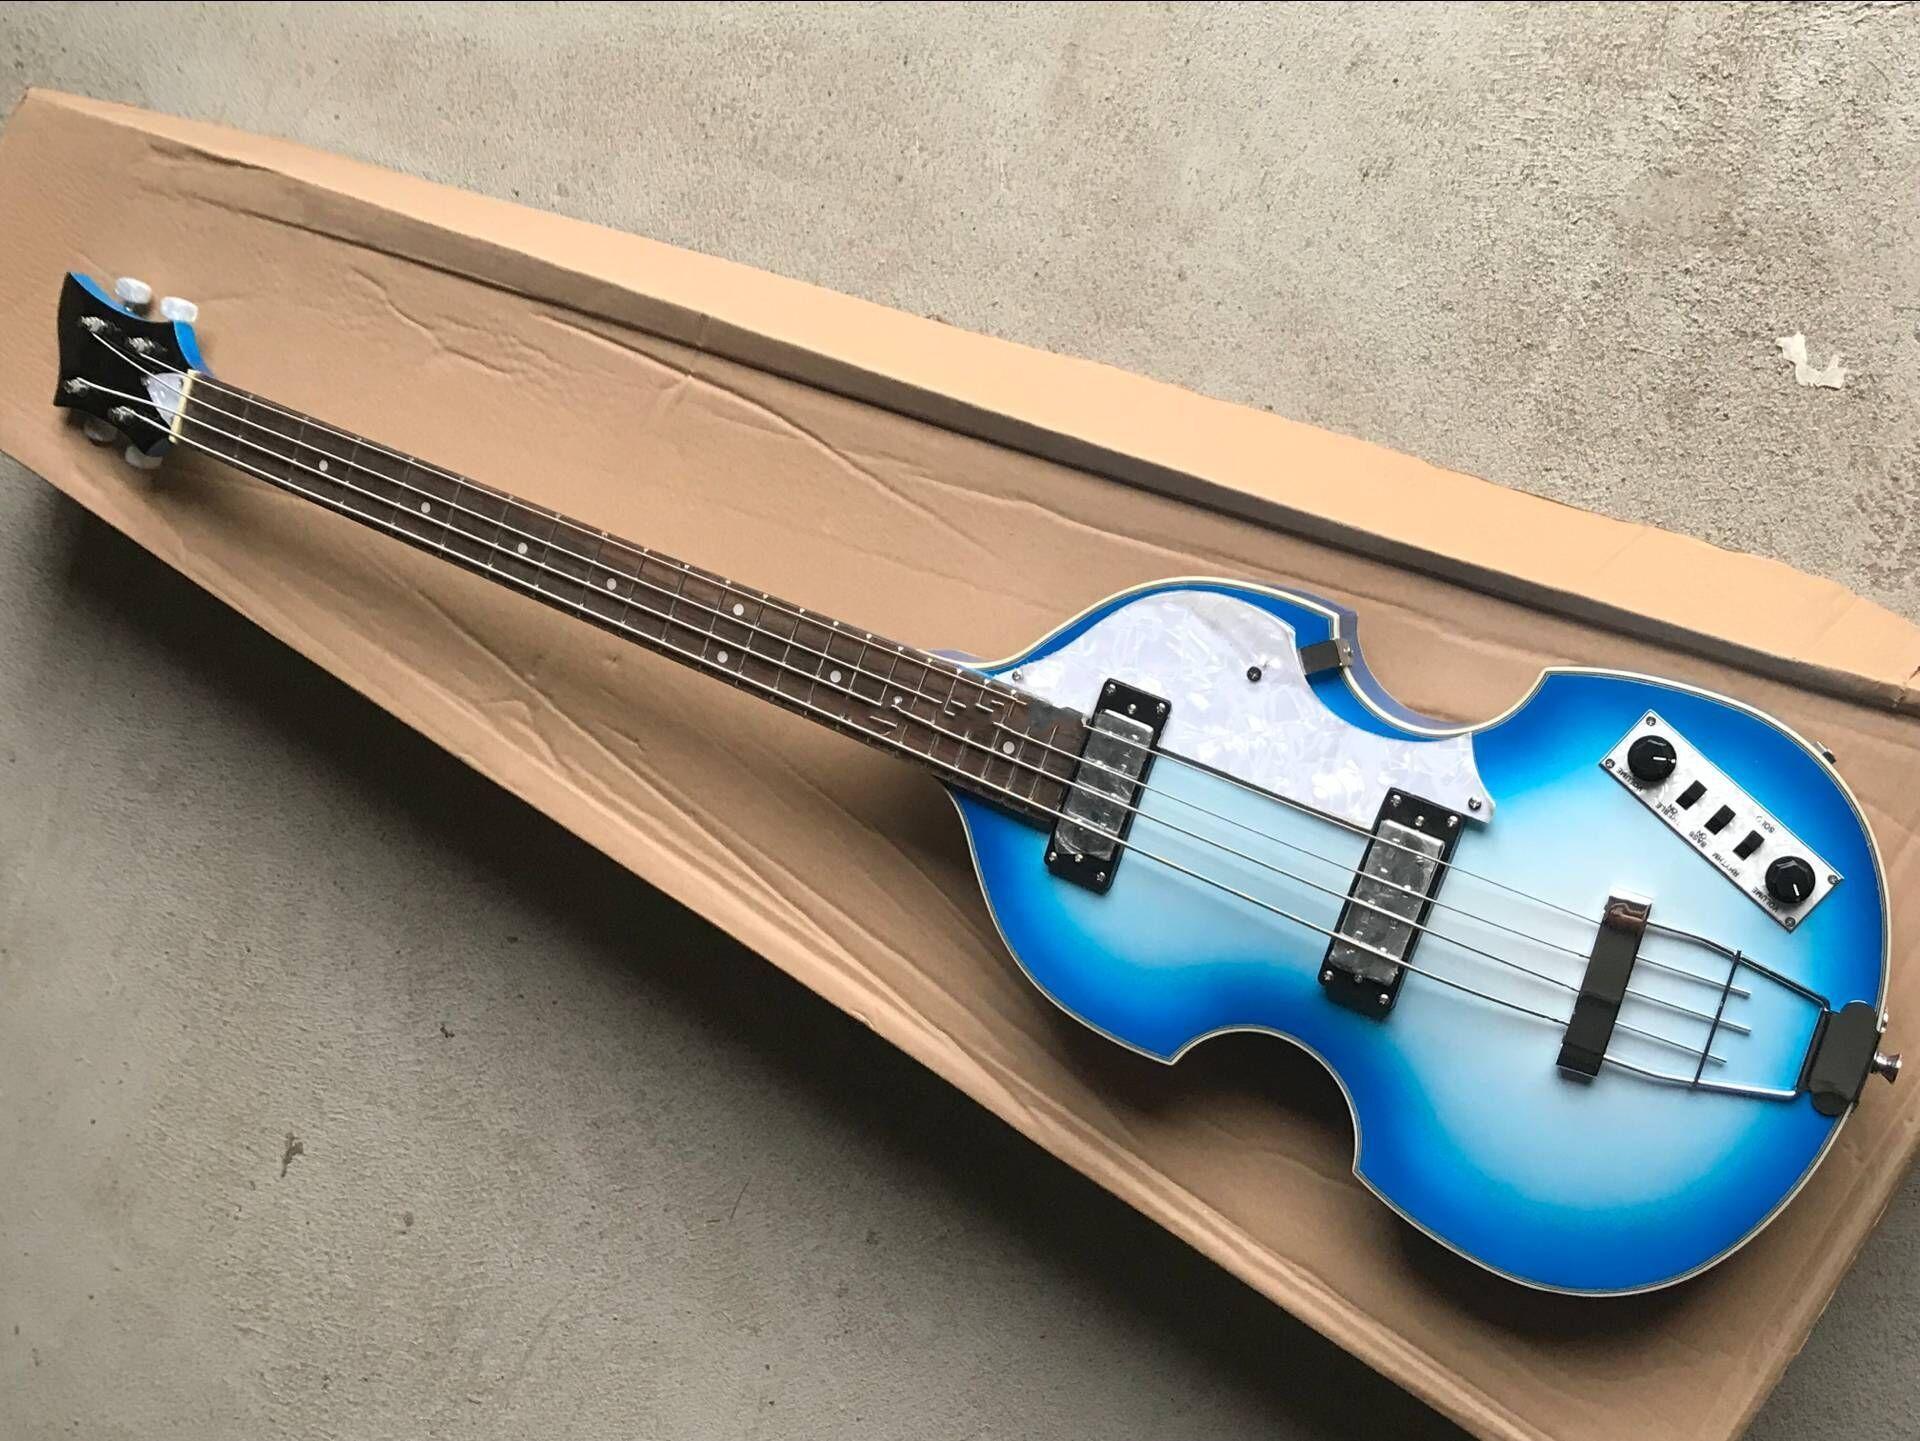 Bleu Haute Qualité 4 cordes Basse de violon Guitare de basse électrique, corps en acajou avec flamme supérieure d'érable, matériel chromé, livraison gratuite